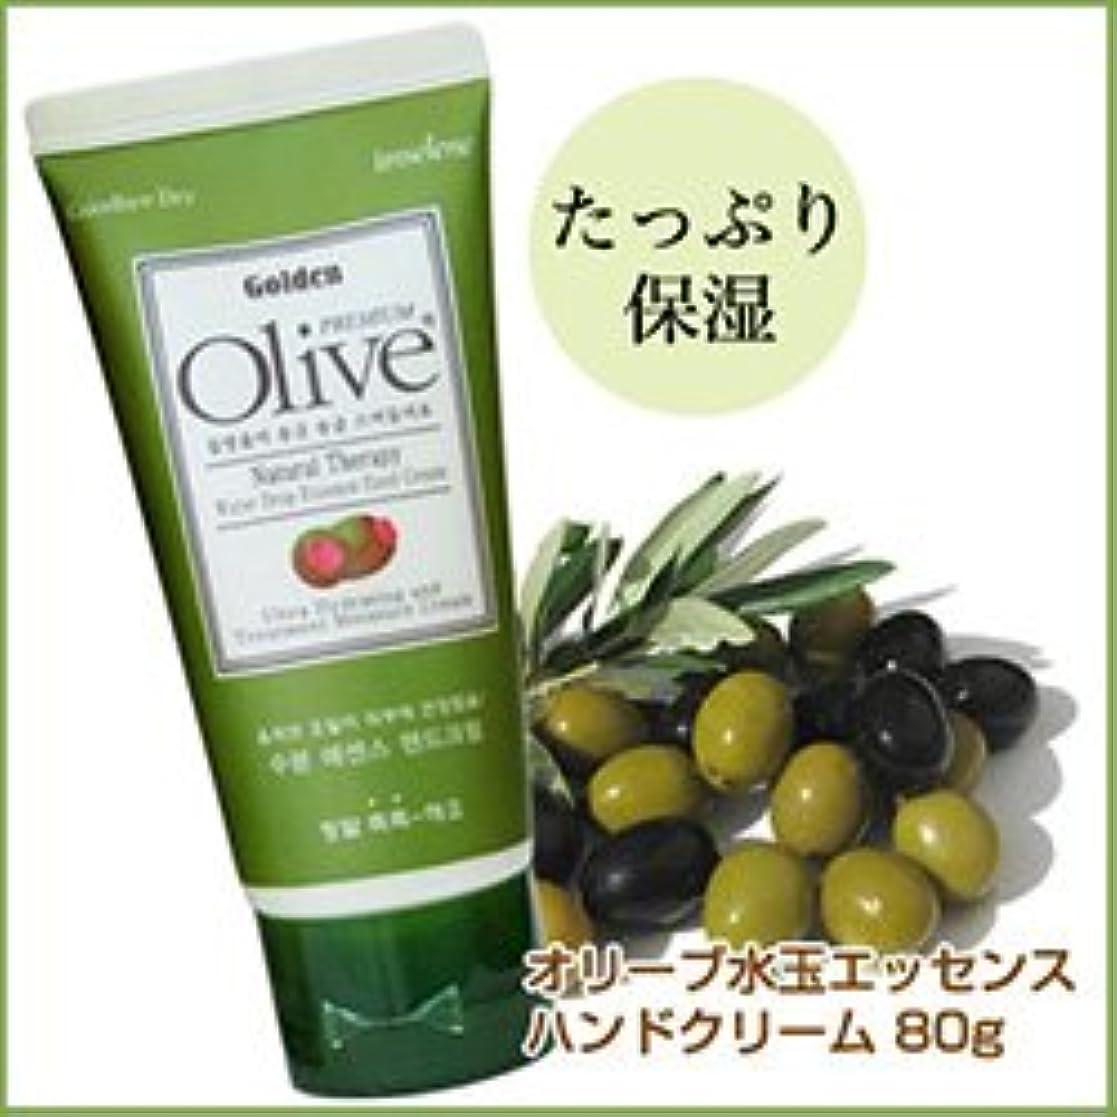 助けて本オンス【韓国コスメ】天然オリーブオイル ハンドクリーム80g